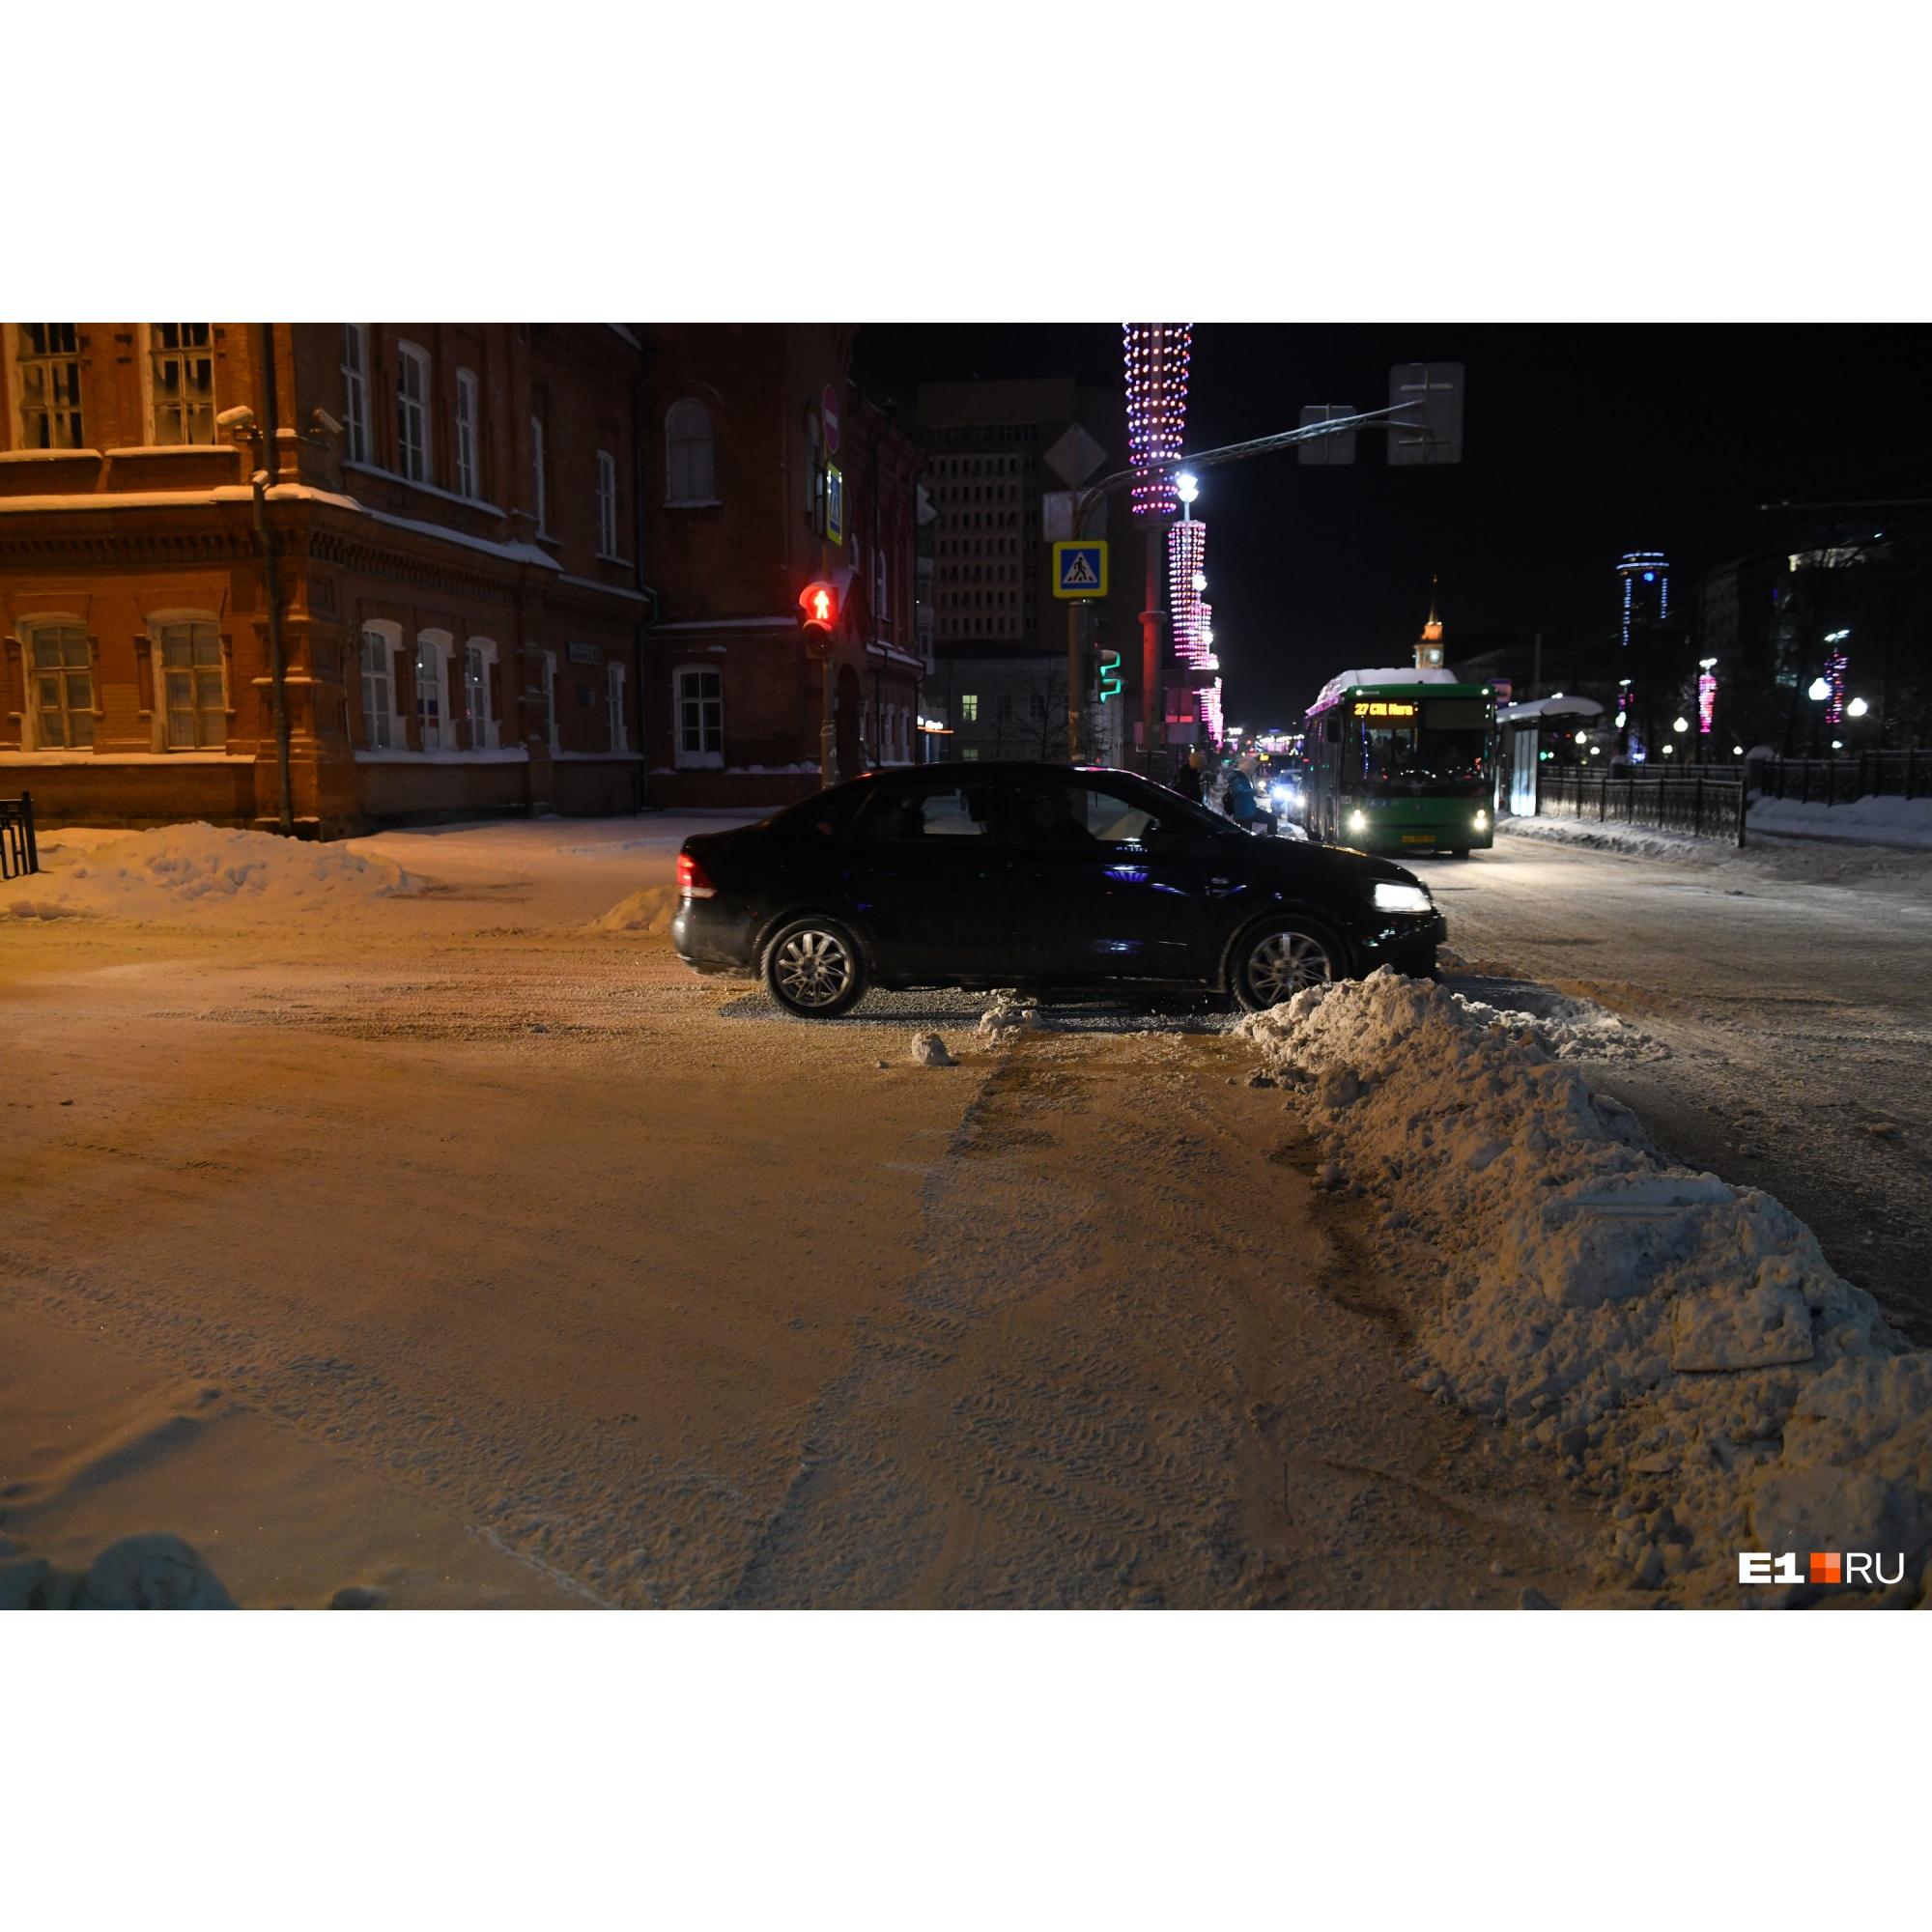 На многих дорогах лежат снежные валы, через которые могут проехать не все легковые автомобили